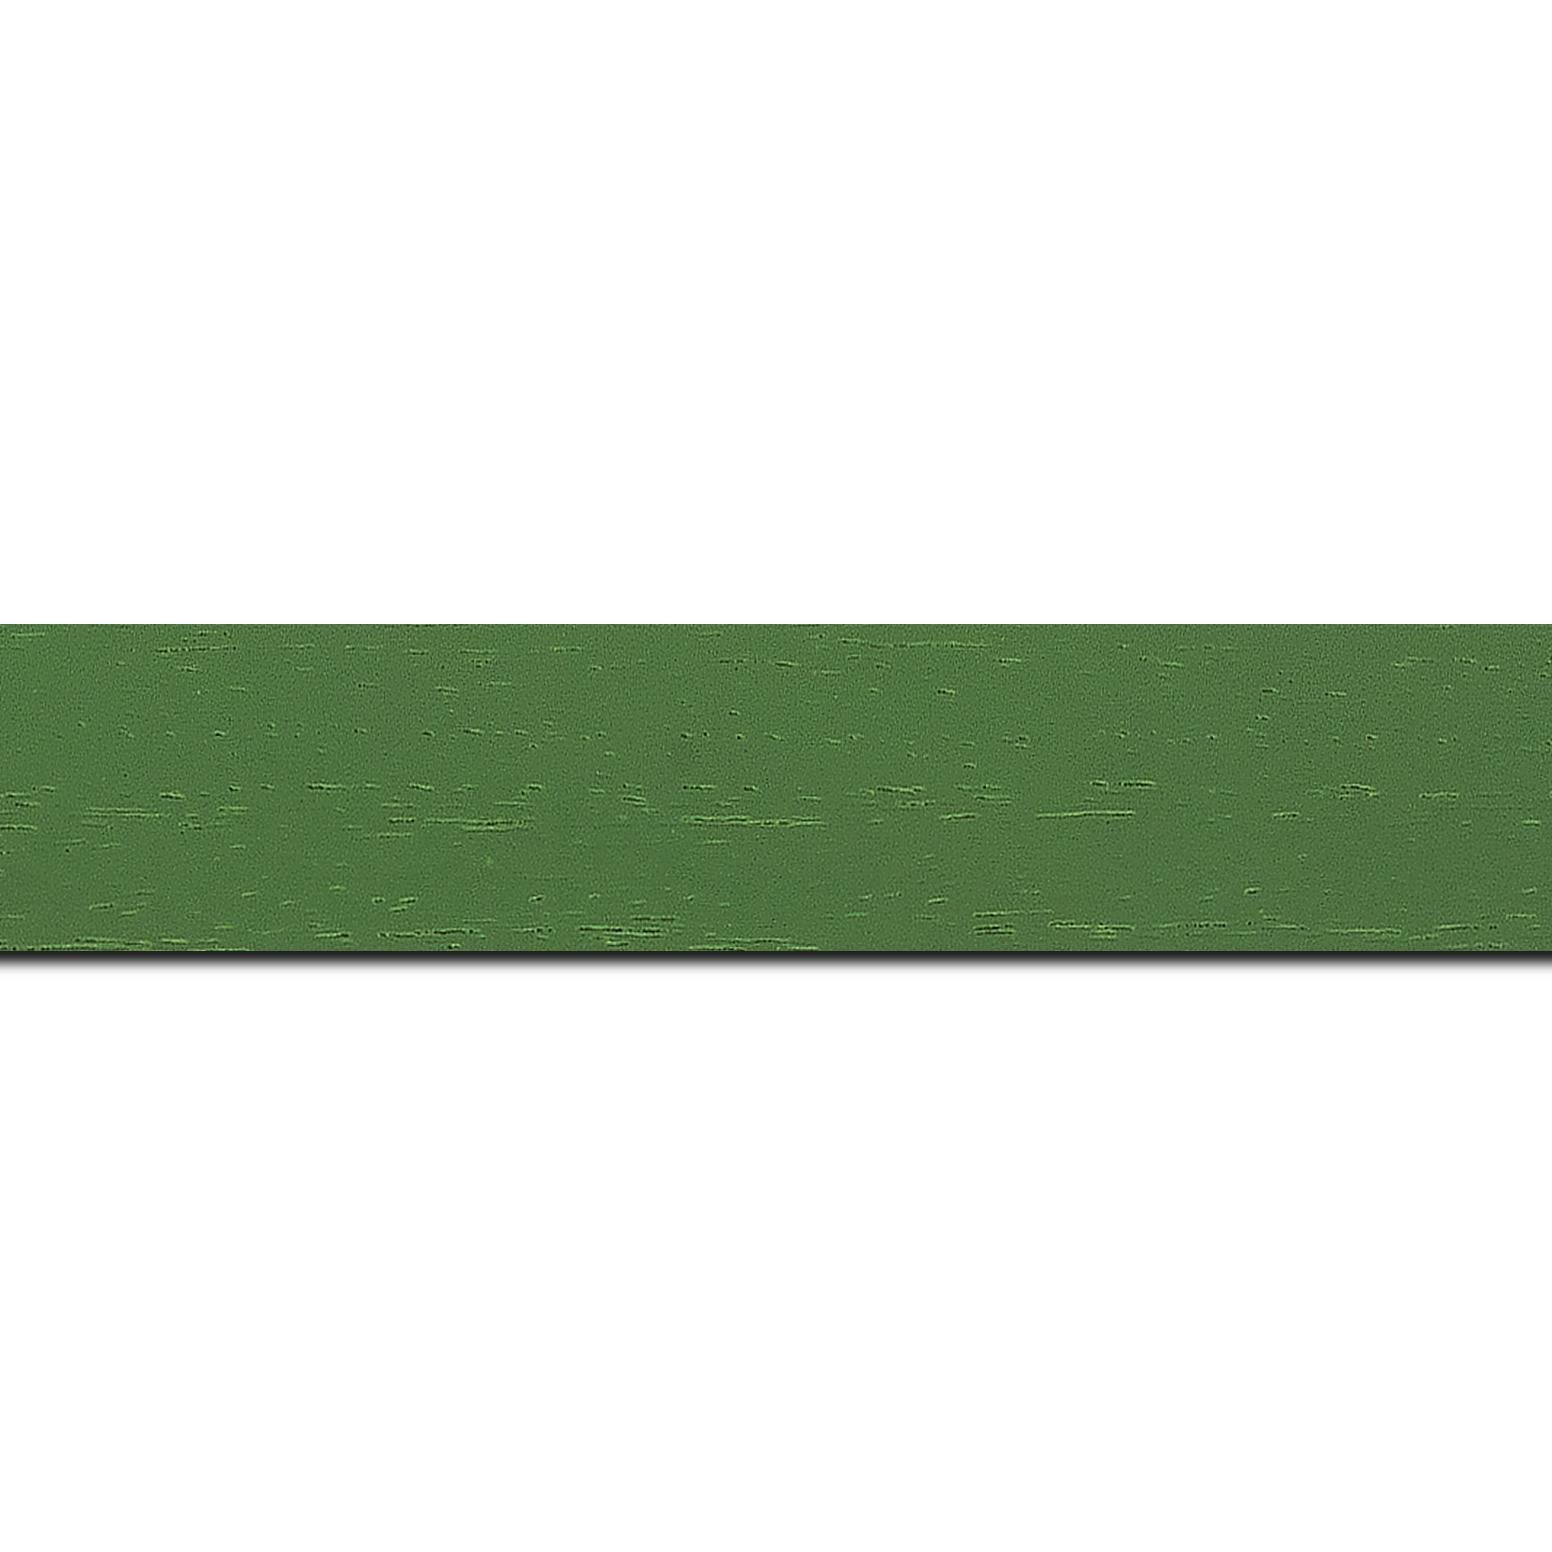 Baguette longueur 1.40m bois profil plat largeur 3cm couleur vert amande satiné